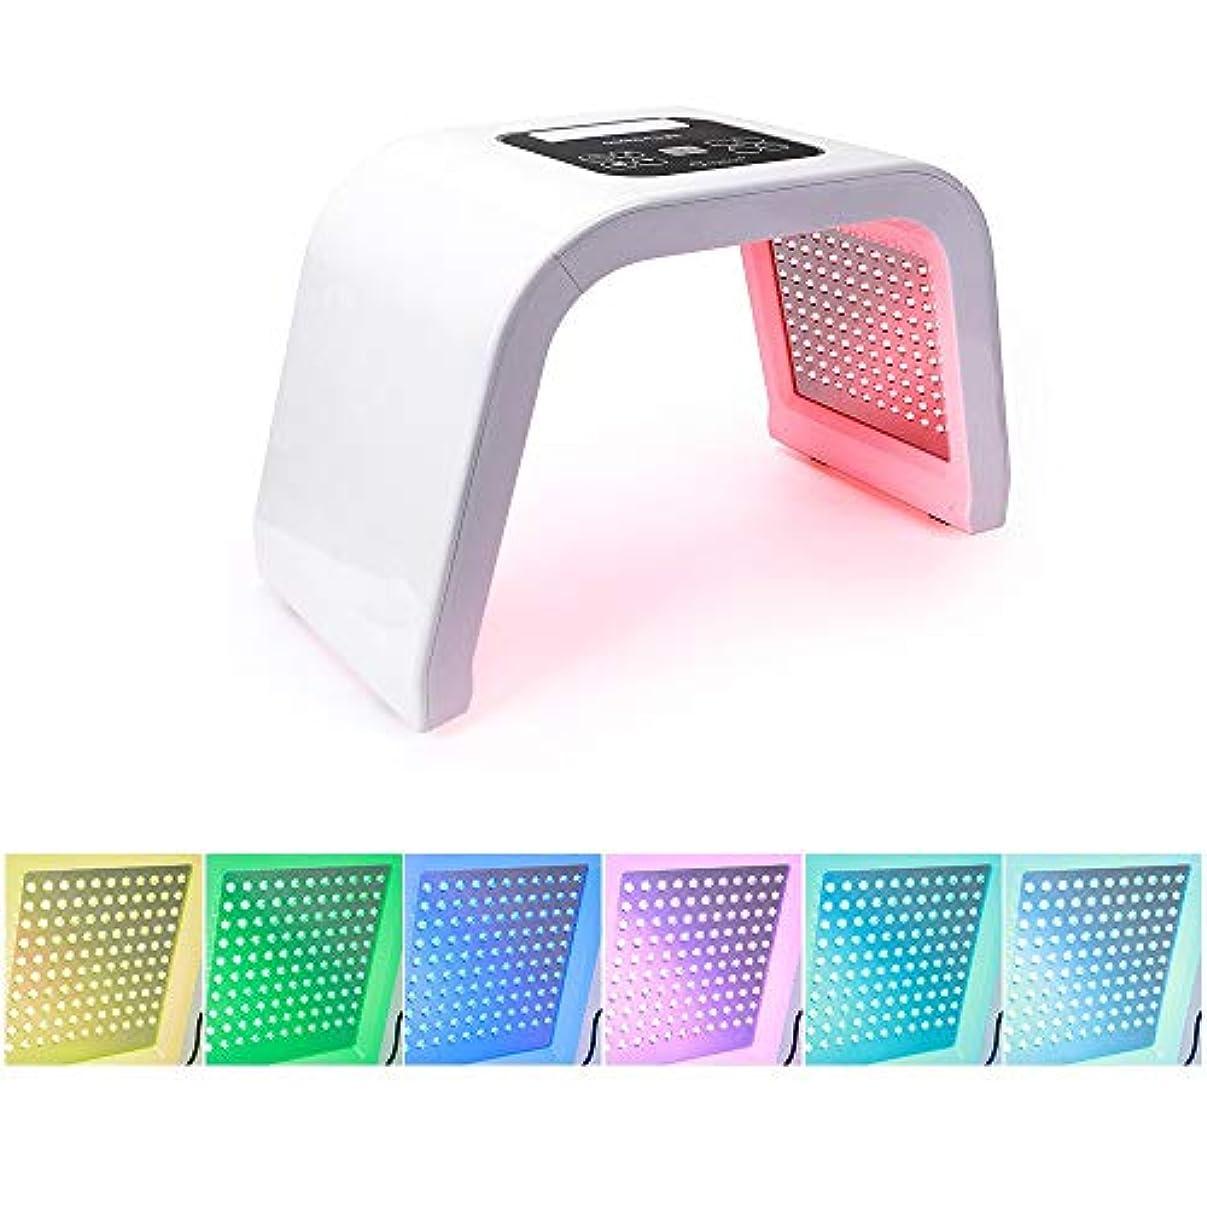 脳政治地下室PDT 7色ledライト美容光力学ランプにきび治療スキンケア機若返りフェイシャルマシンボディ美容スキンケア光子療法機